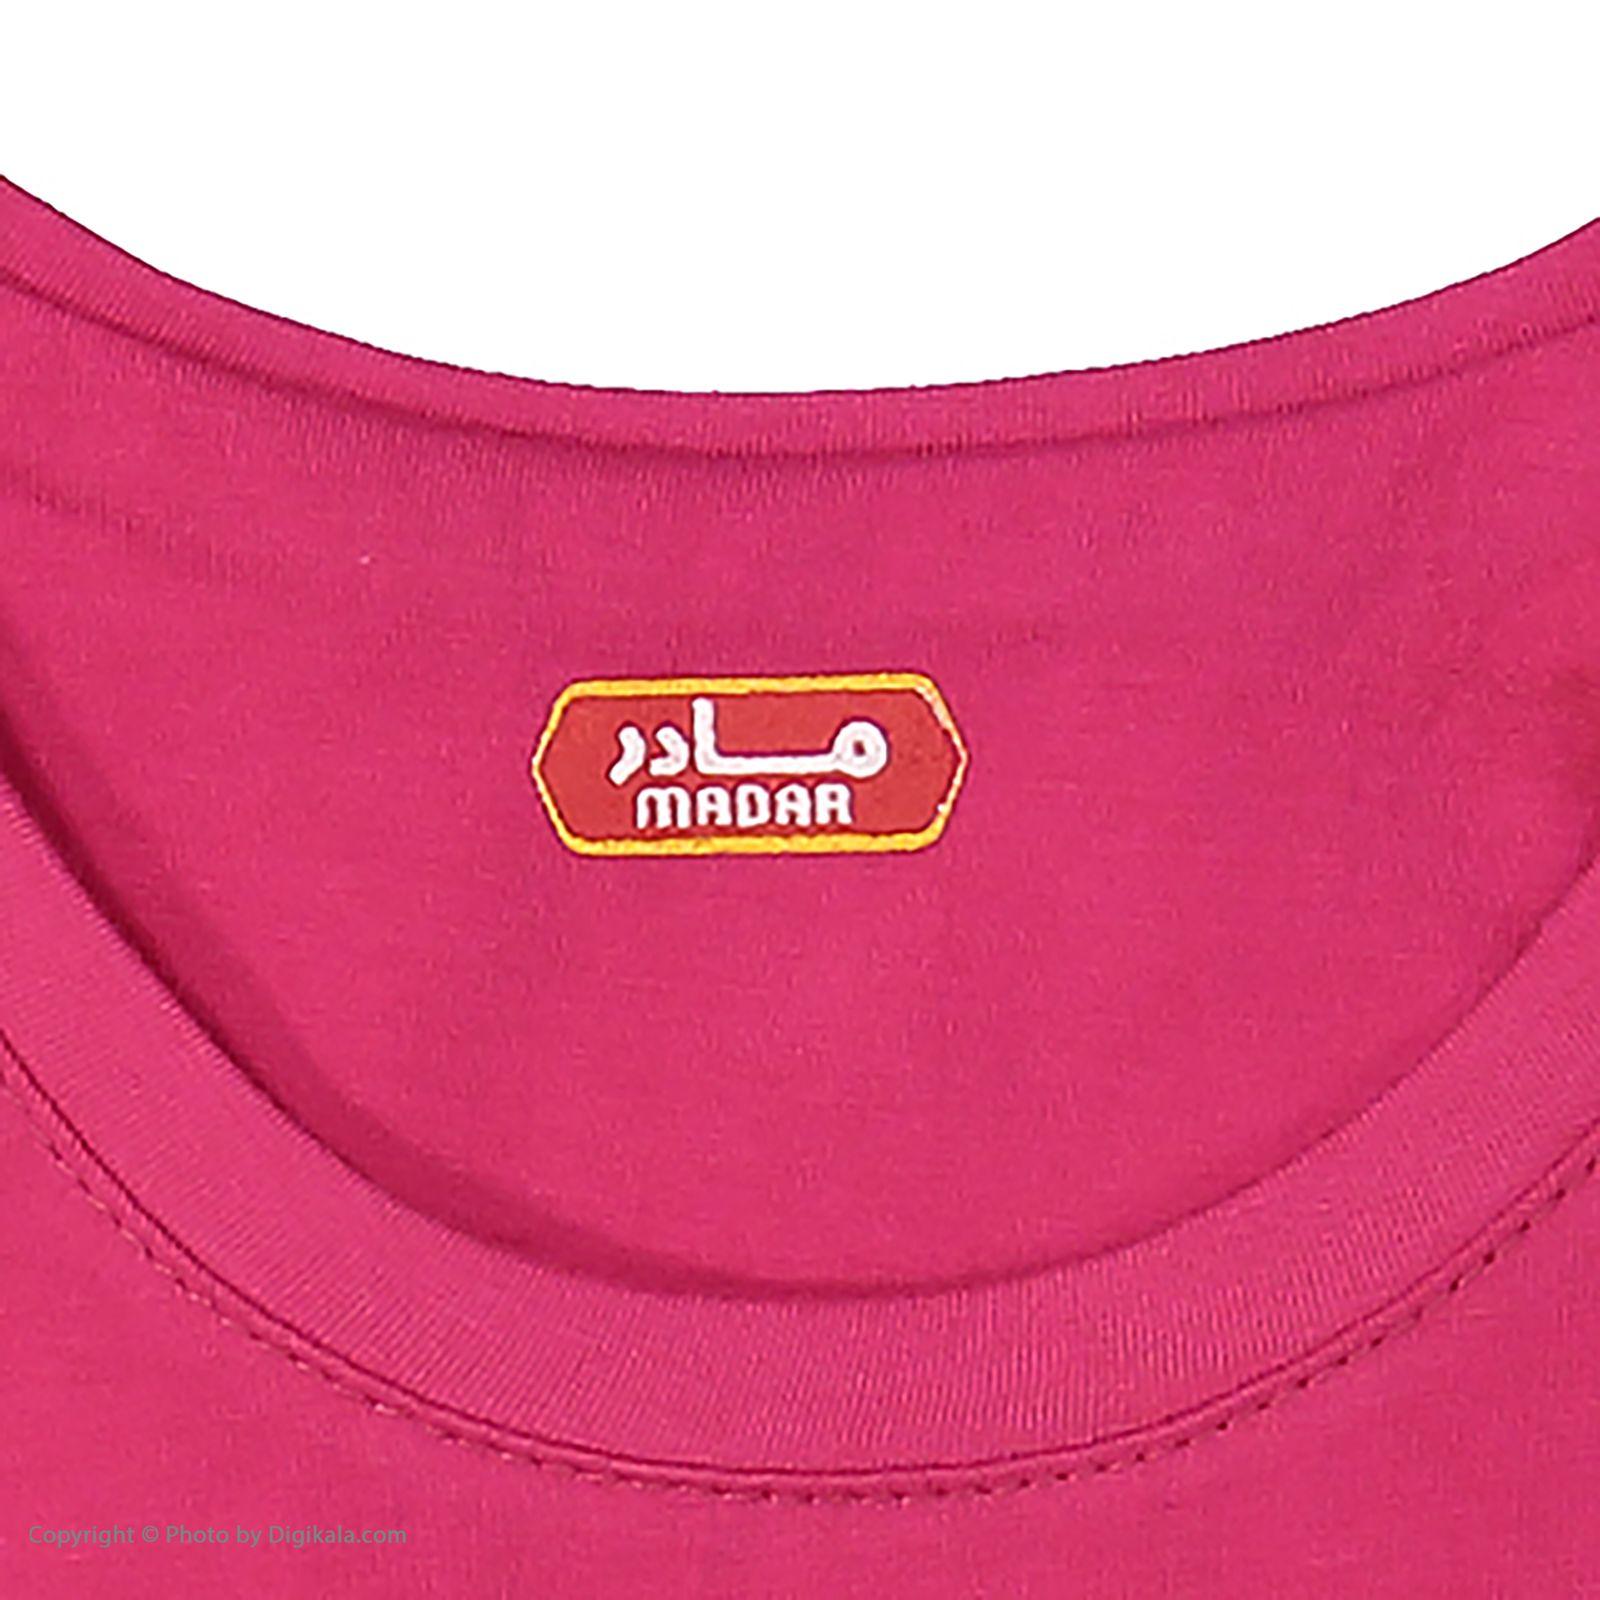 ست تی شرت و شلوار دخترانه مادر مدل 2041104-66 main 1 7